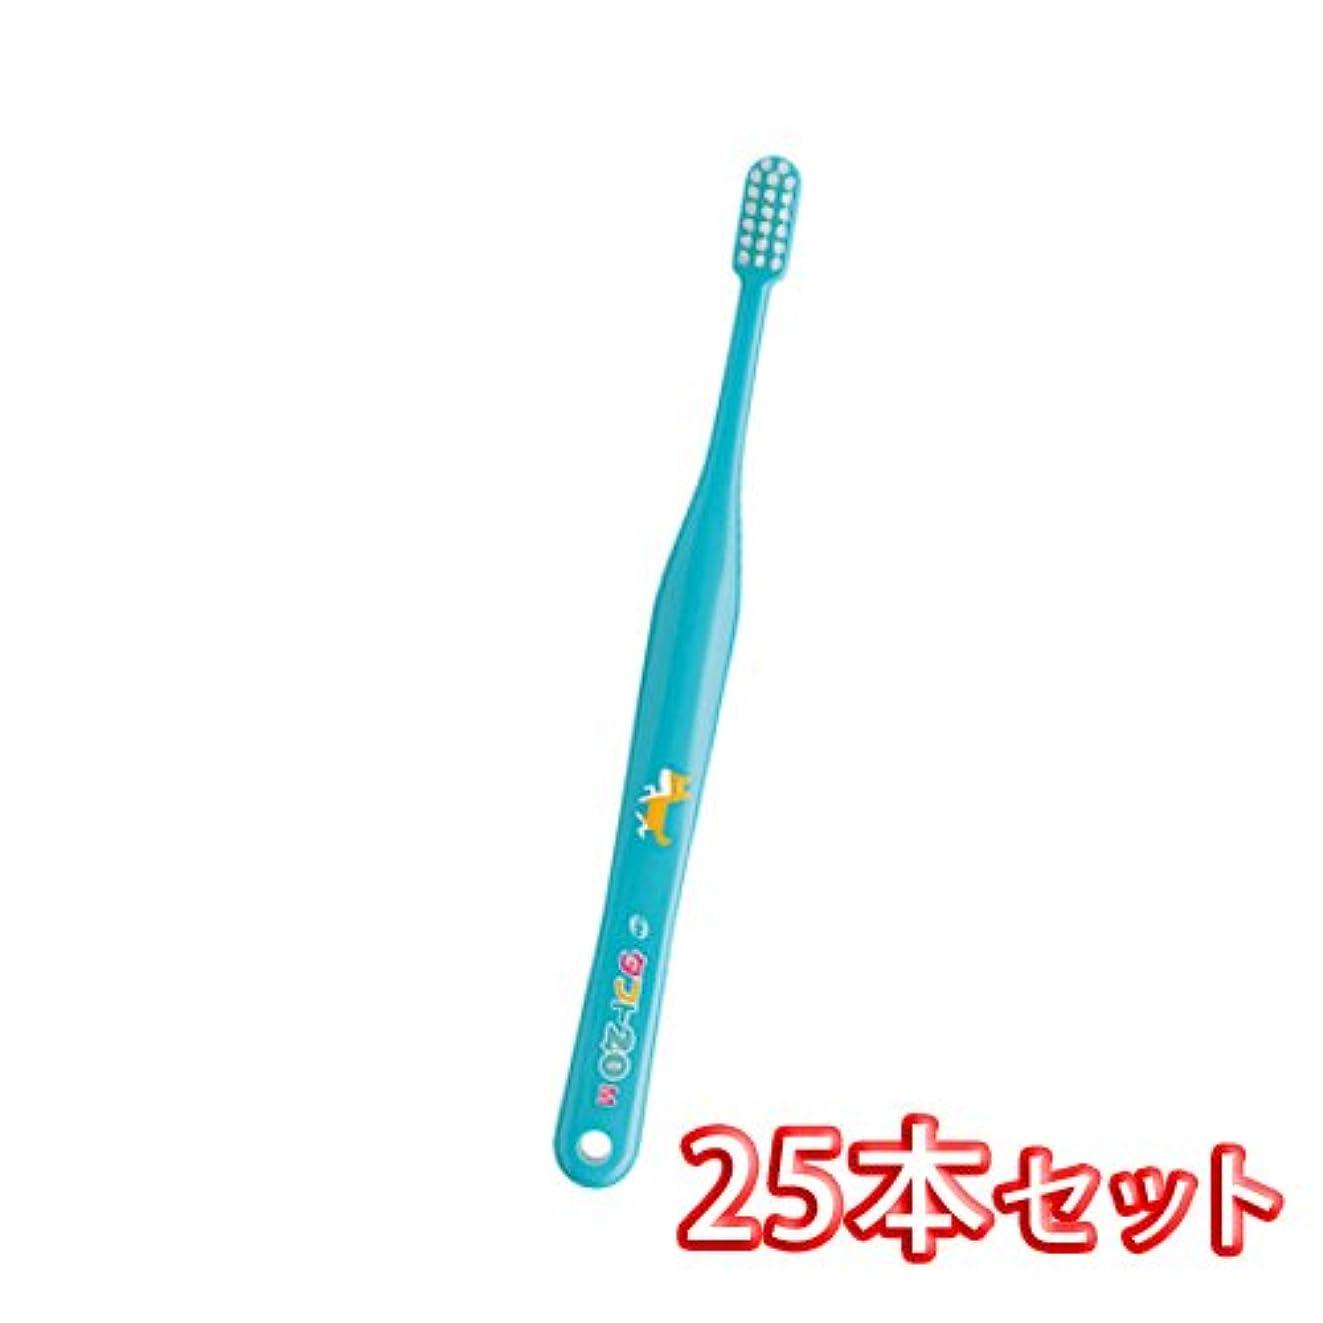 ツイン妻ギャザーオーラルケア タフト 20 歯ブラシ プレミアムソフト 25本入(タフト20(PS)ブルー)